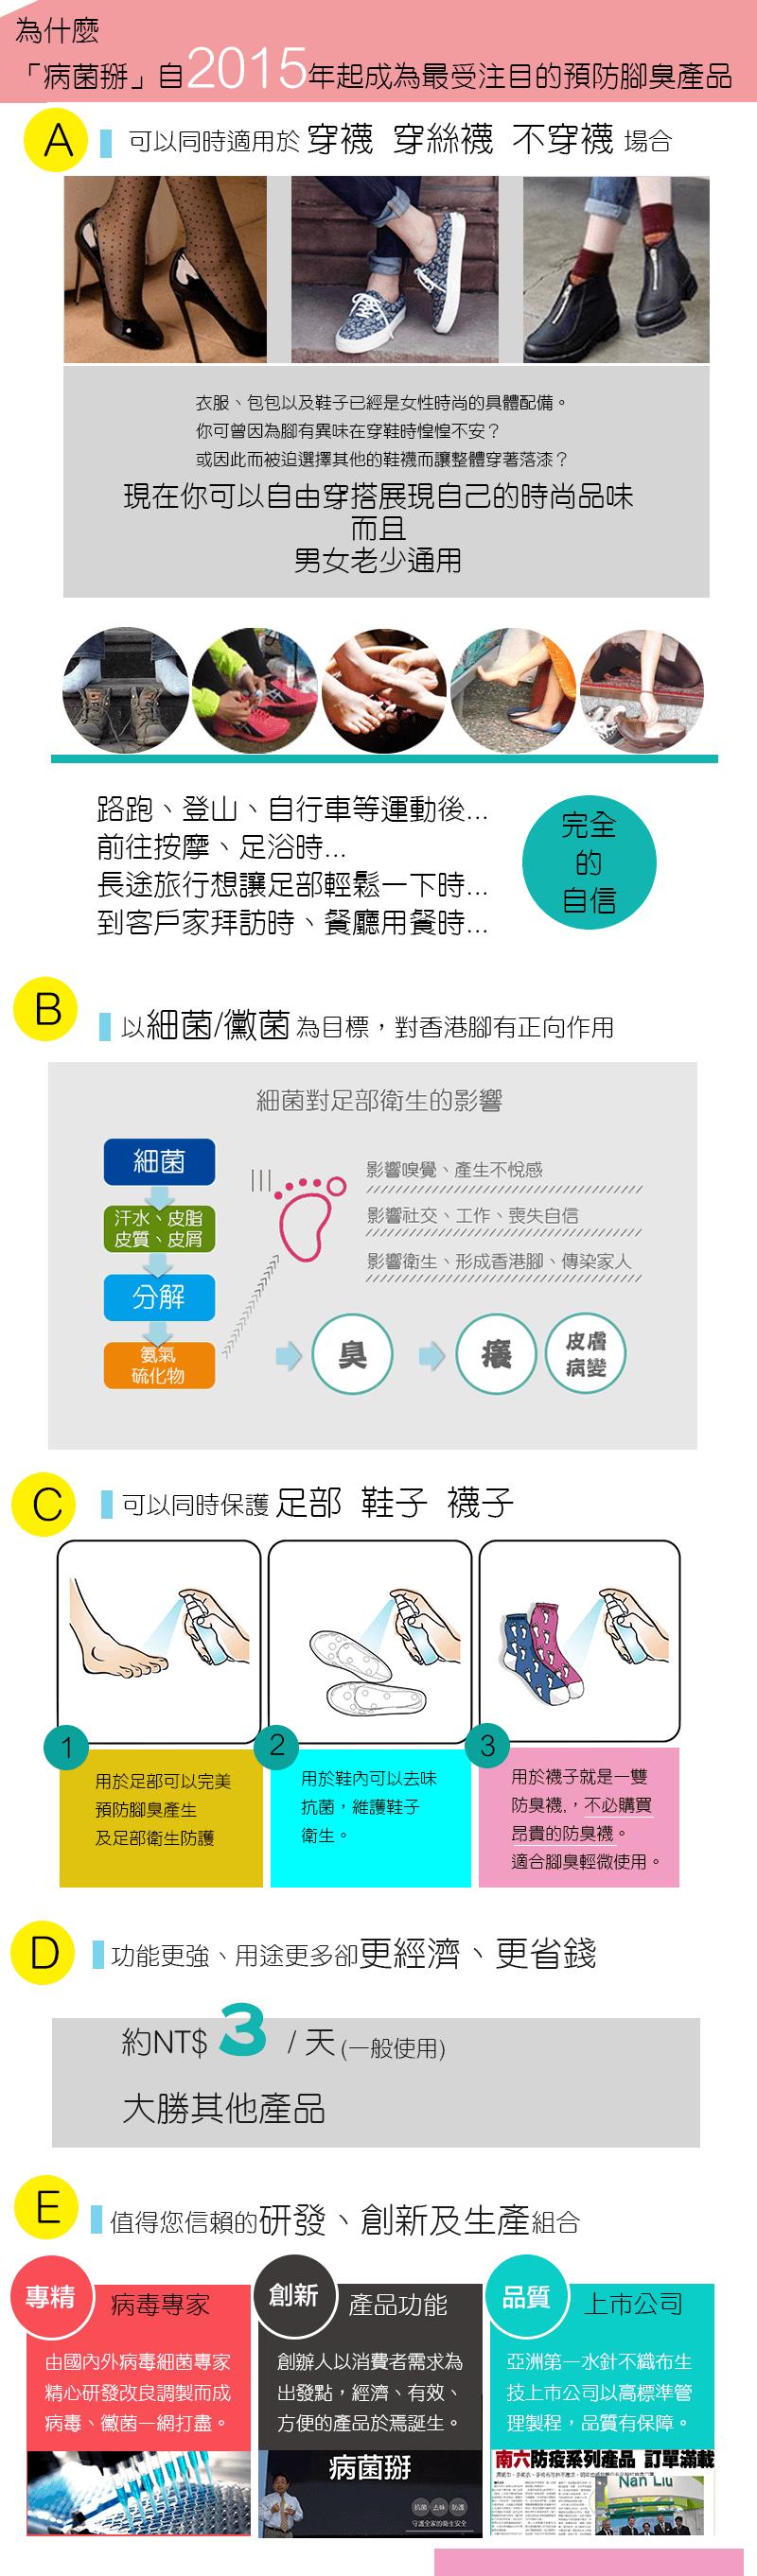 footodor201601_2